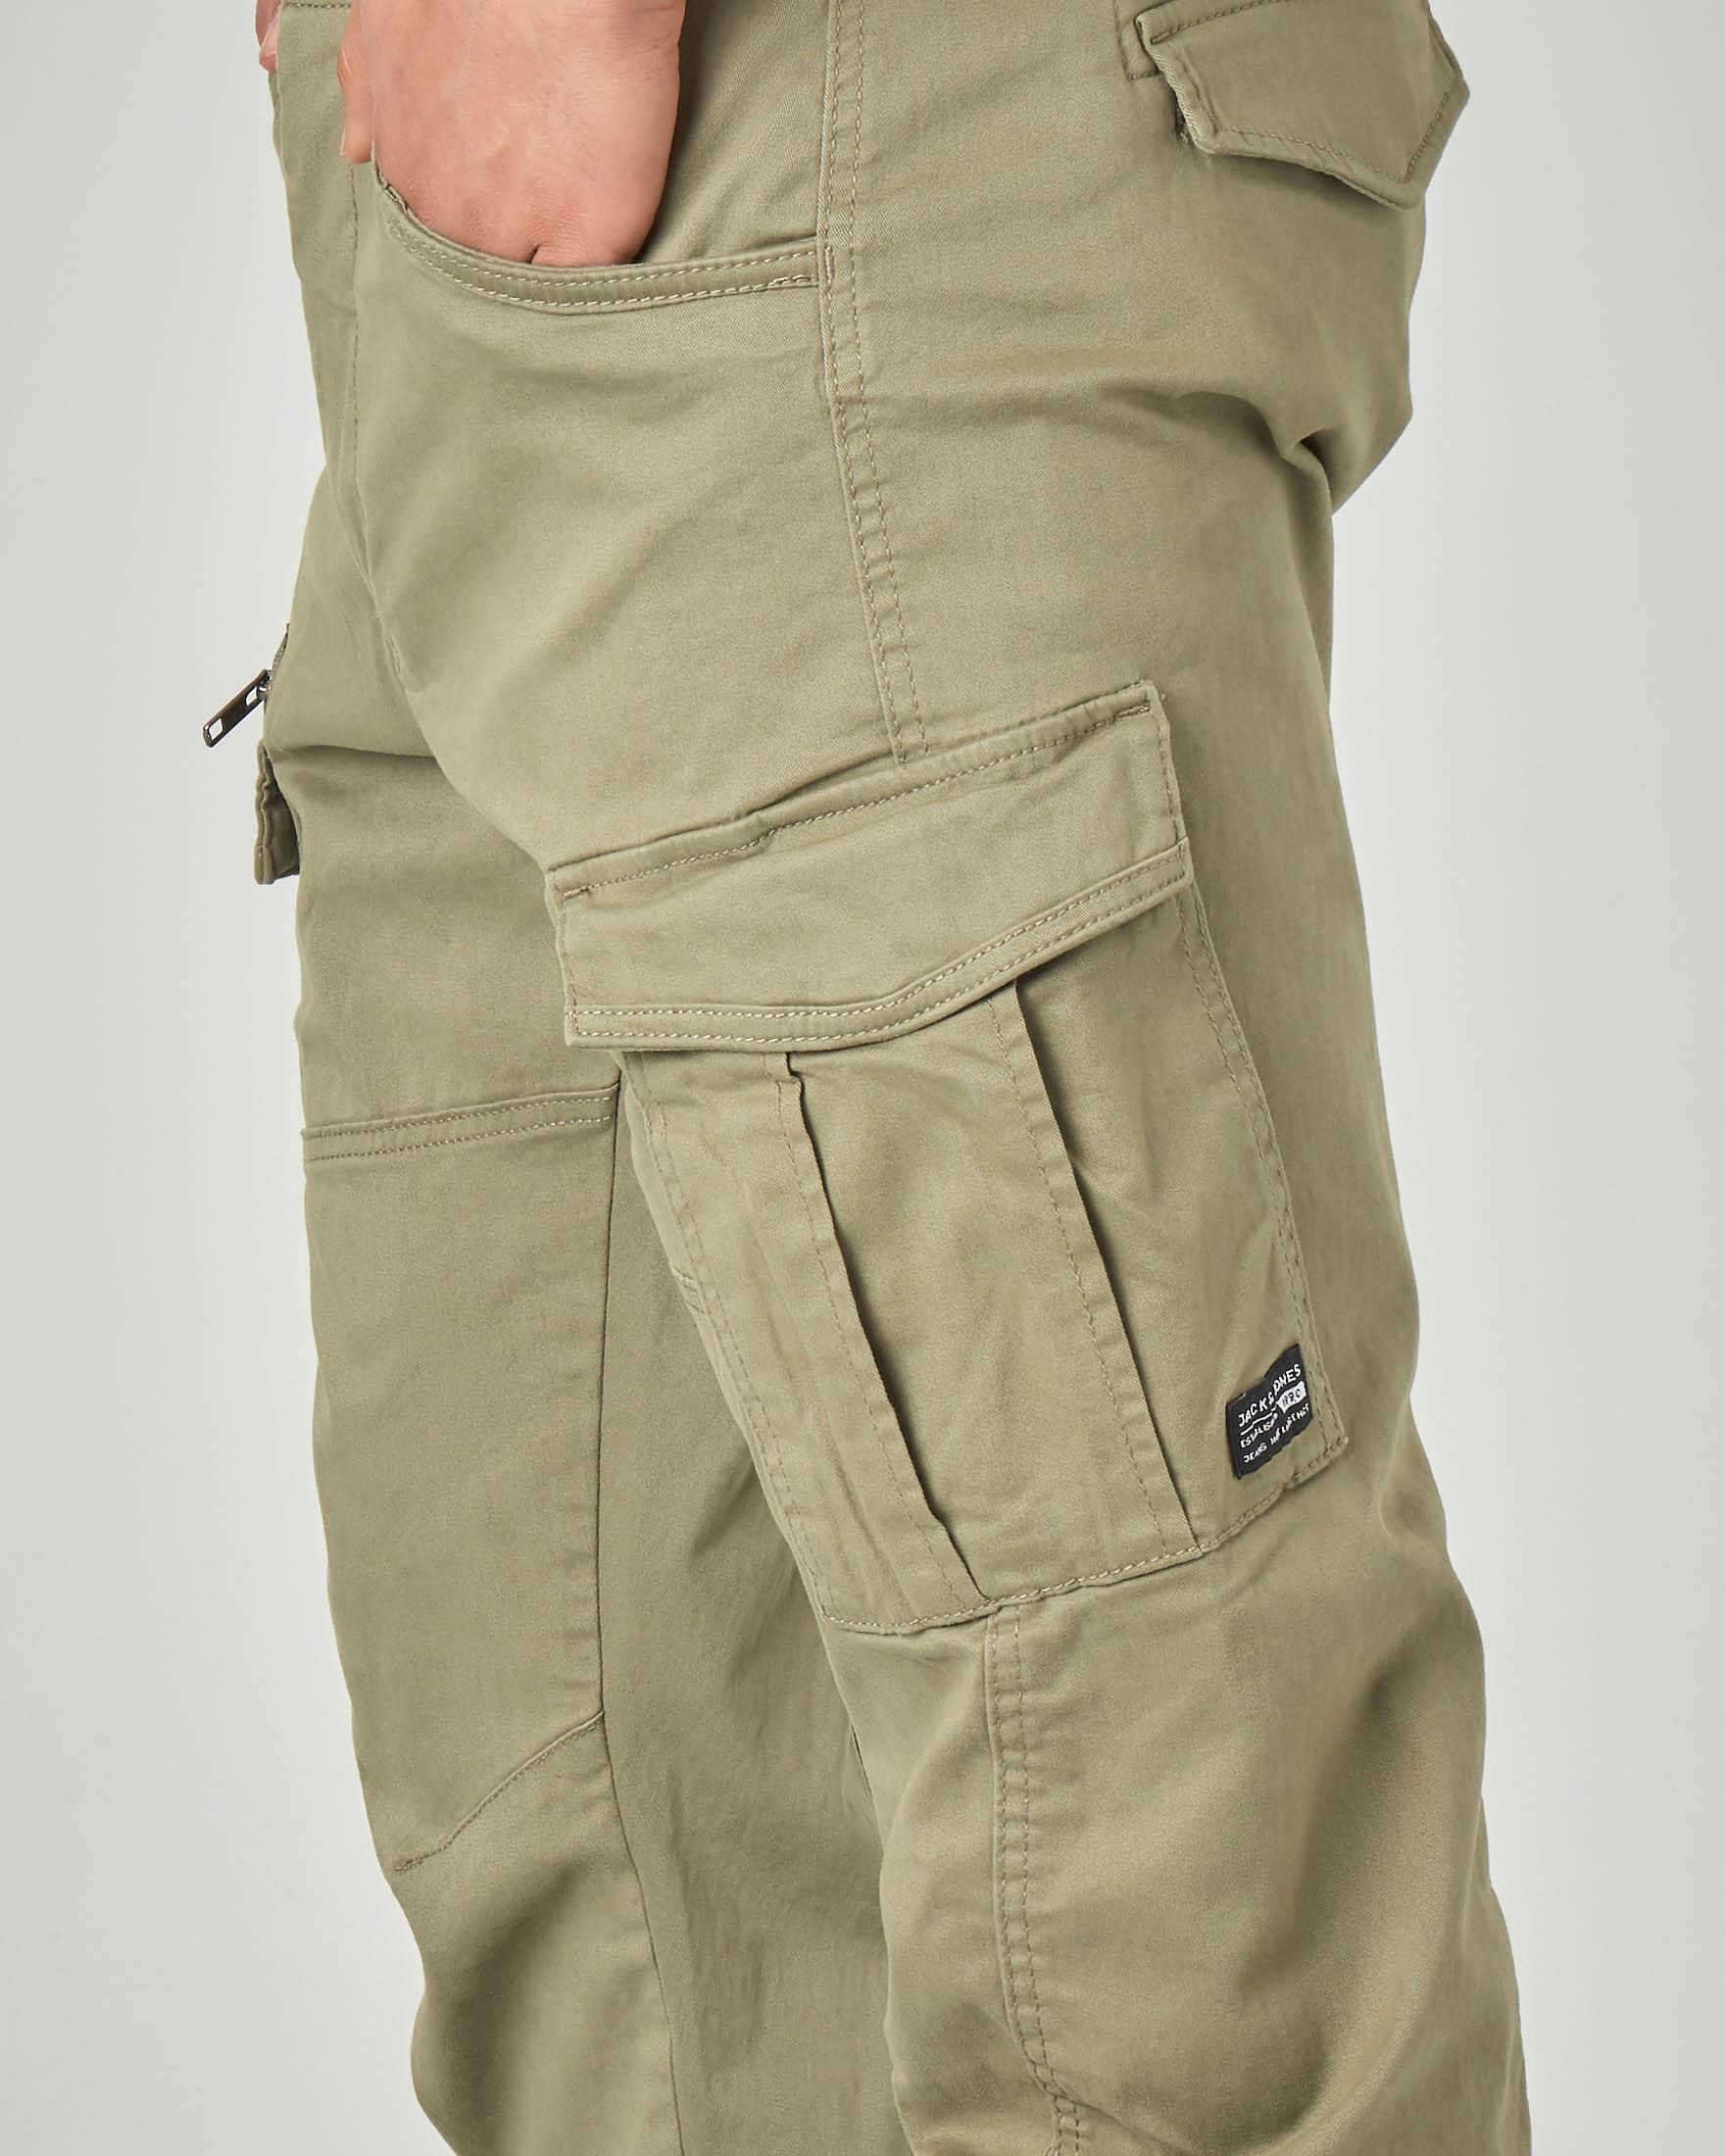 Pantaloni cargo verdi militare